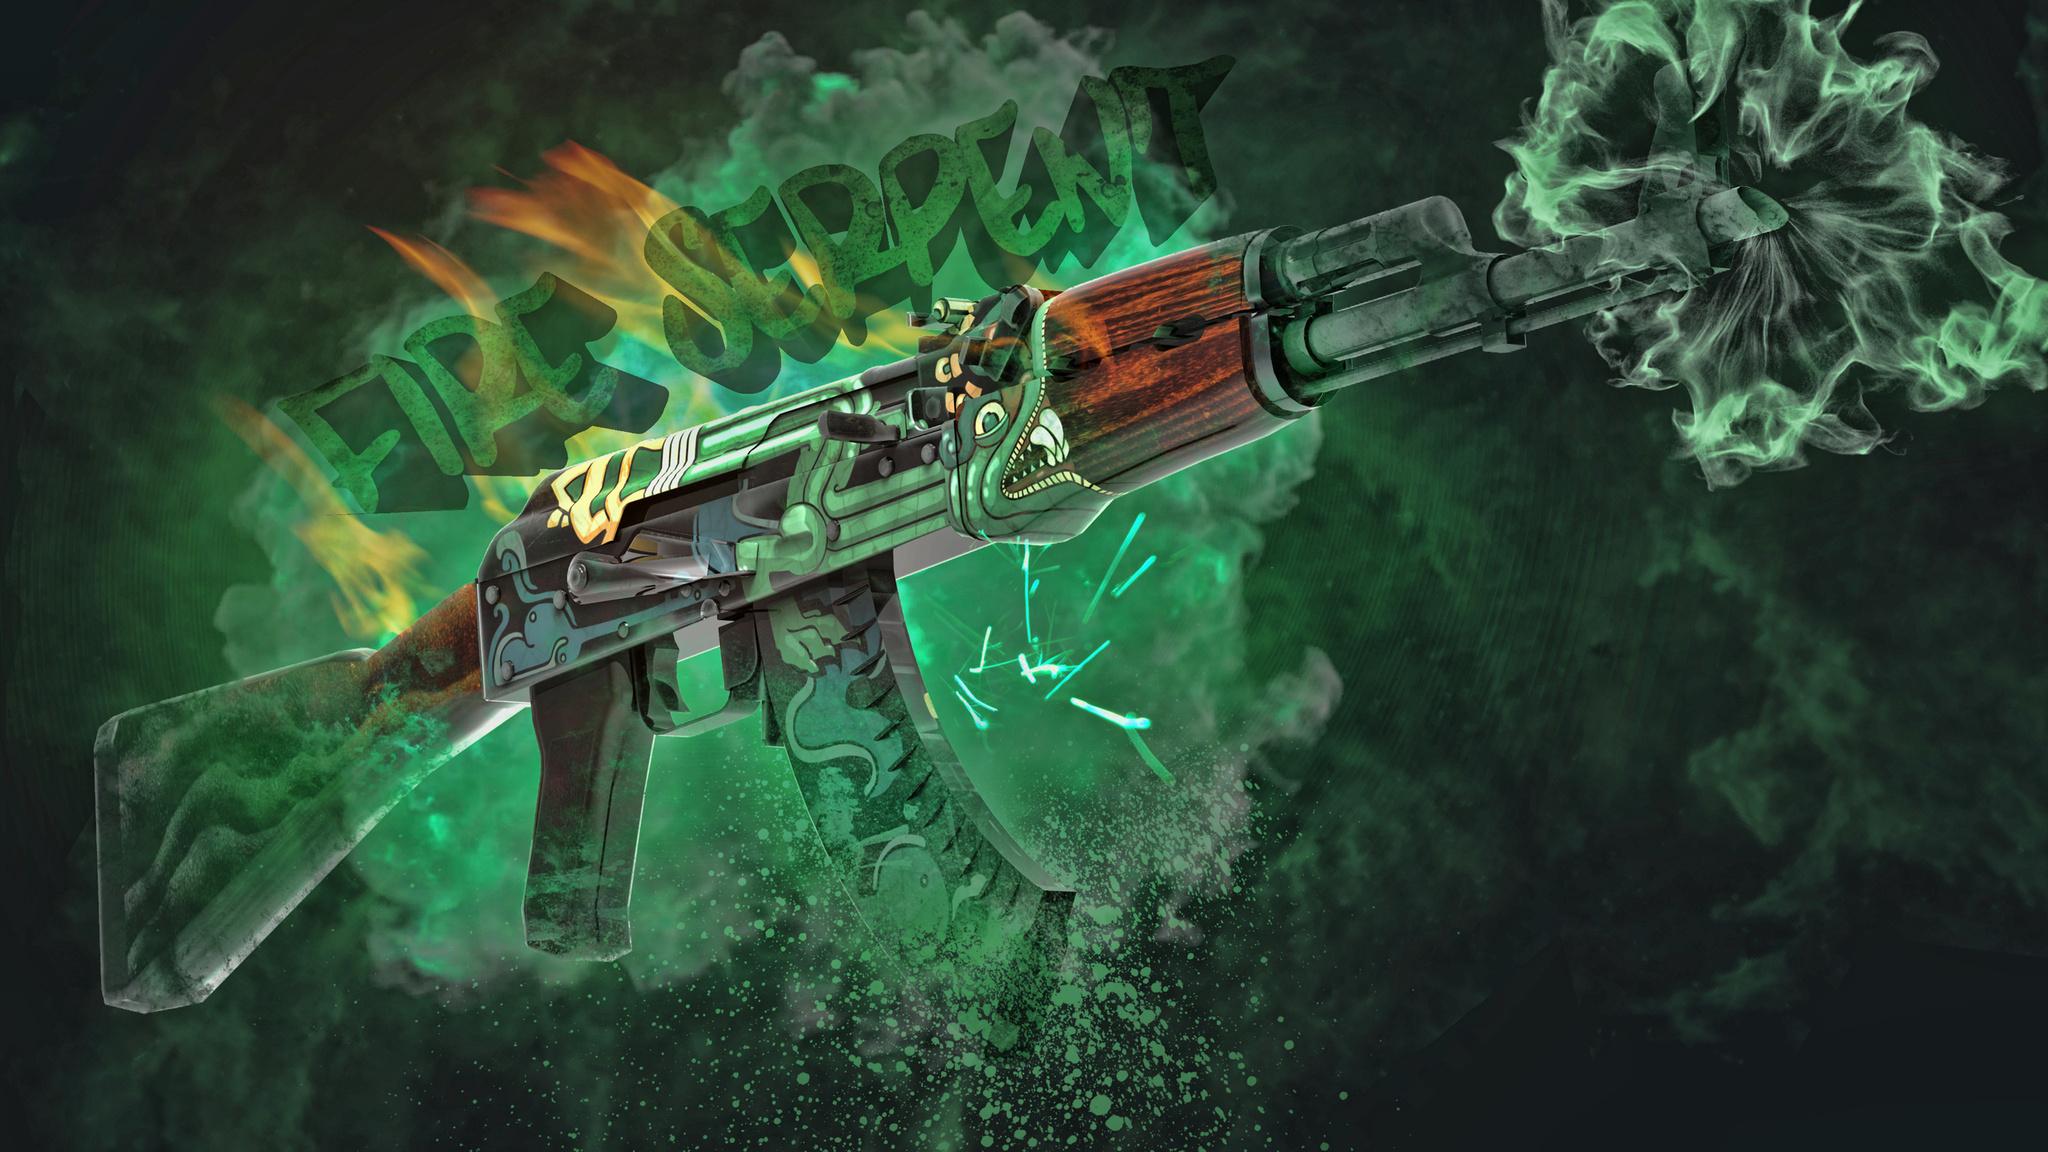 AK 47 2048x1152